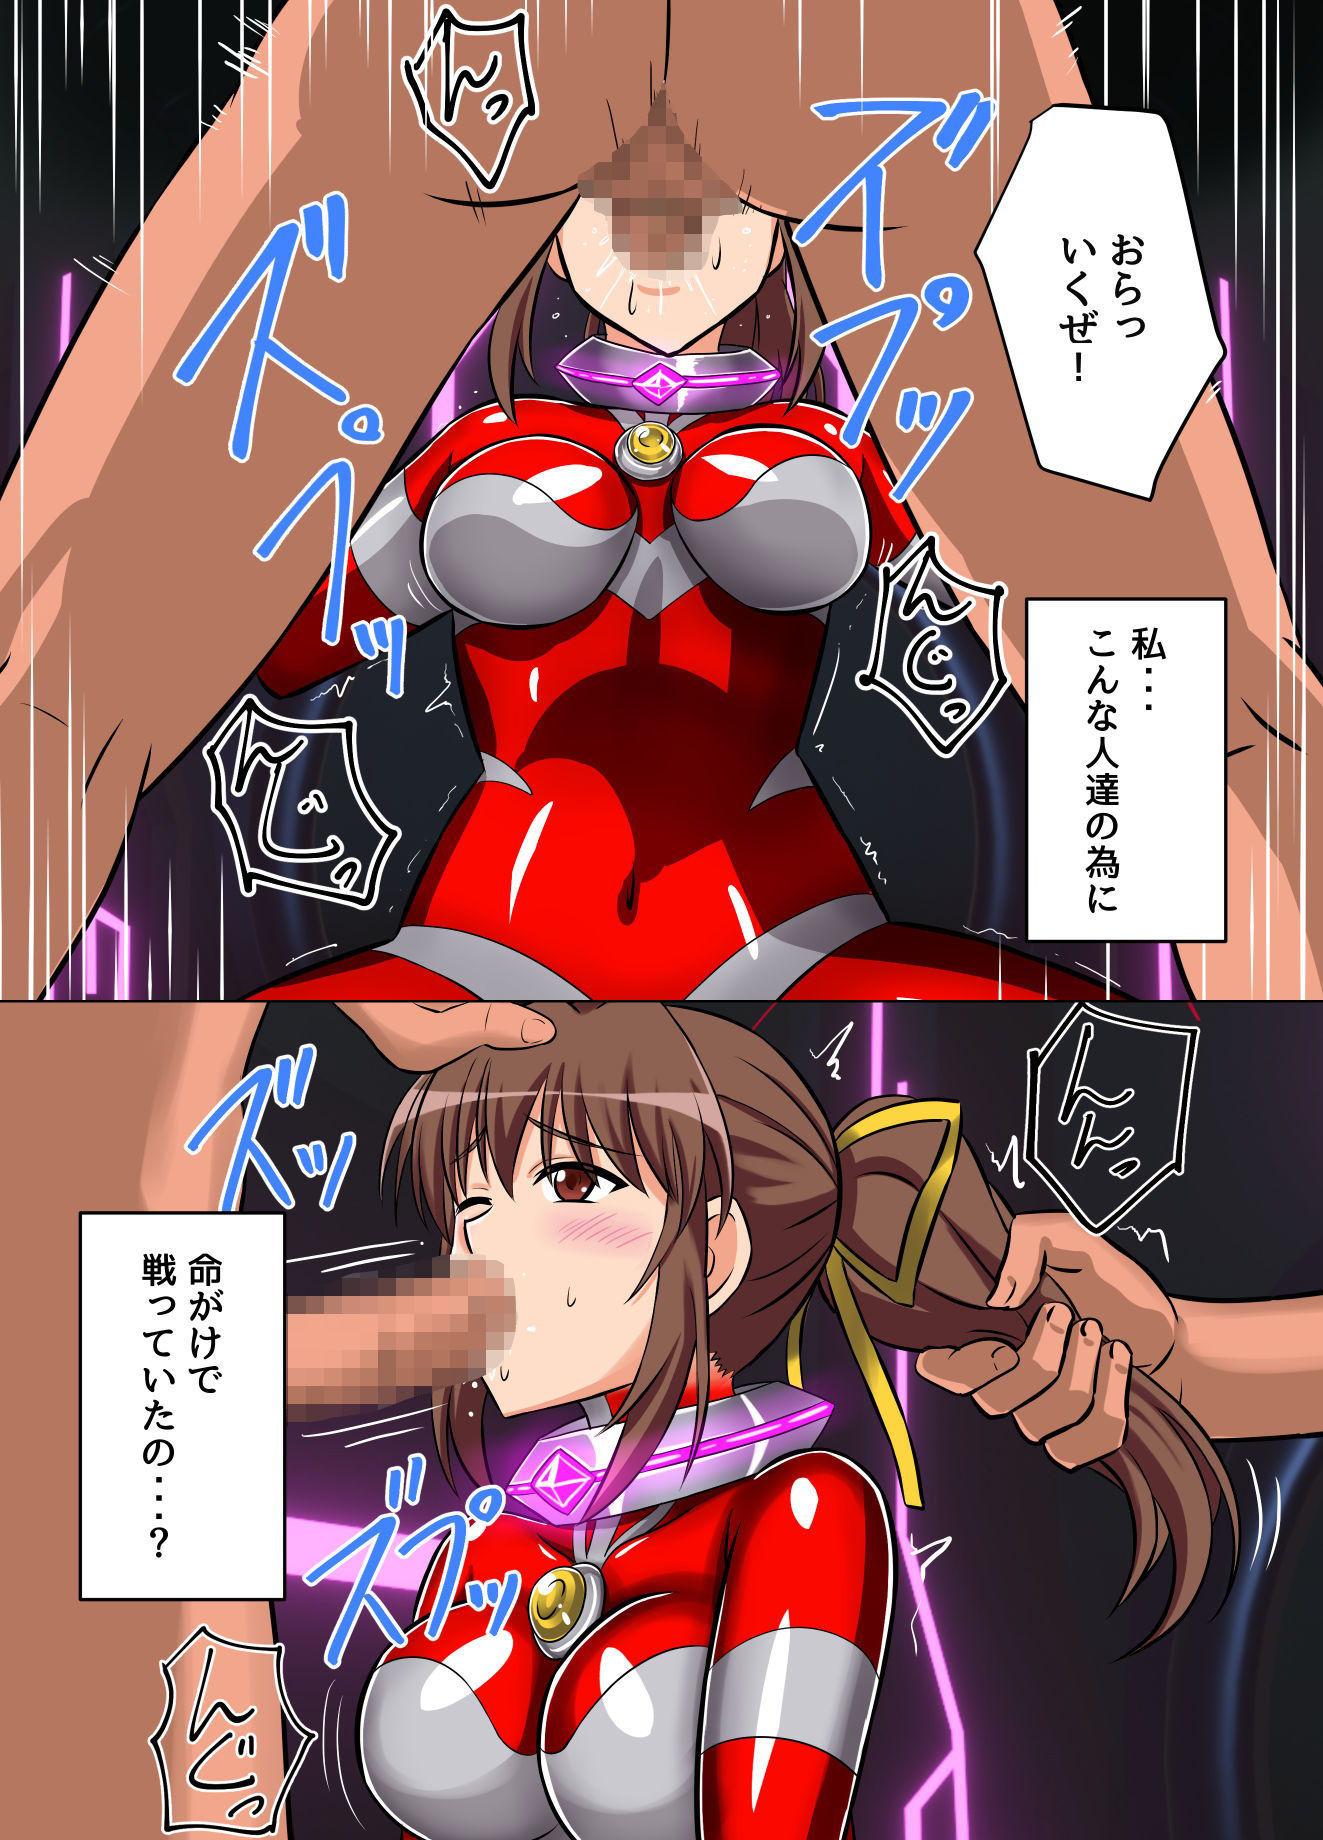 アルティメットレナ 第4話 宇宙人の罠!不完全変身!